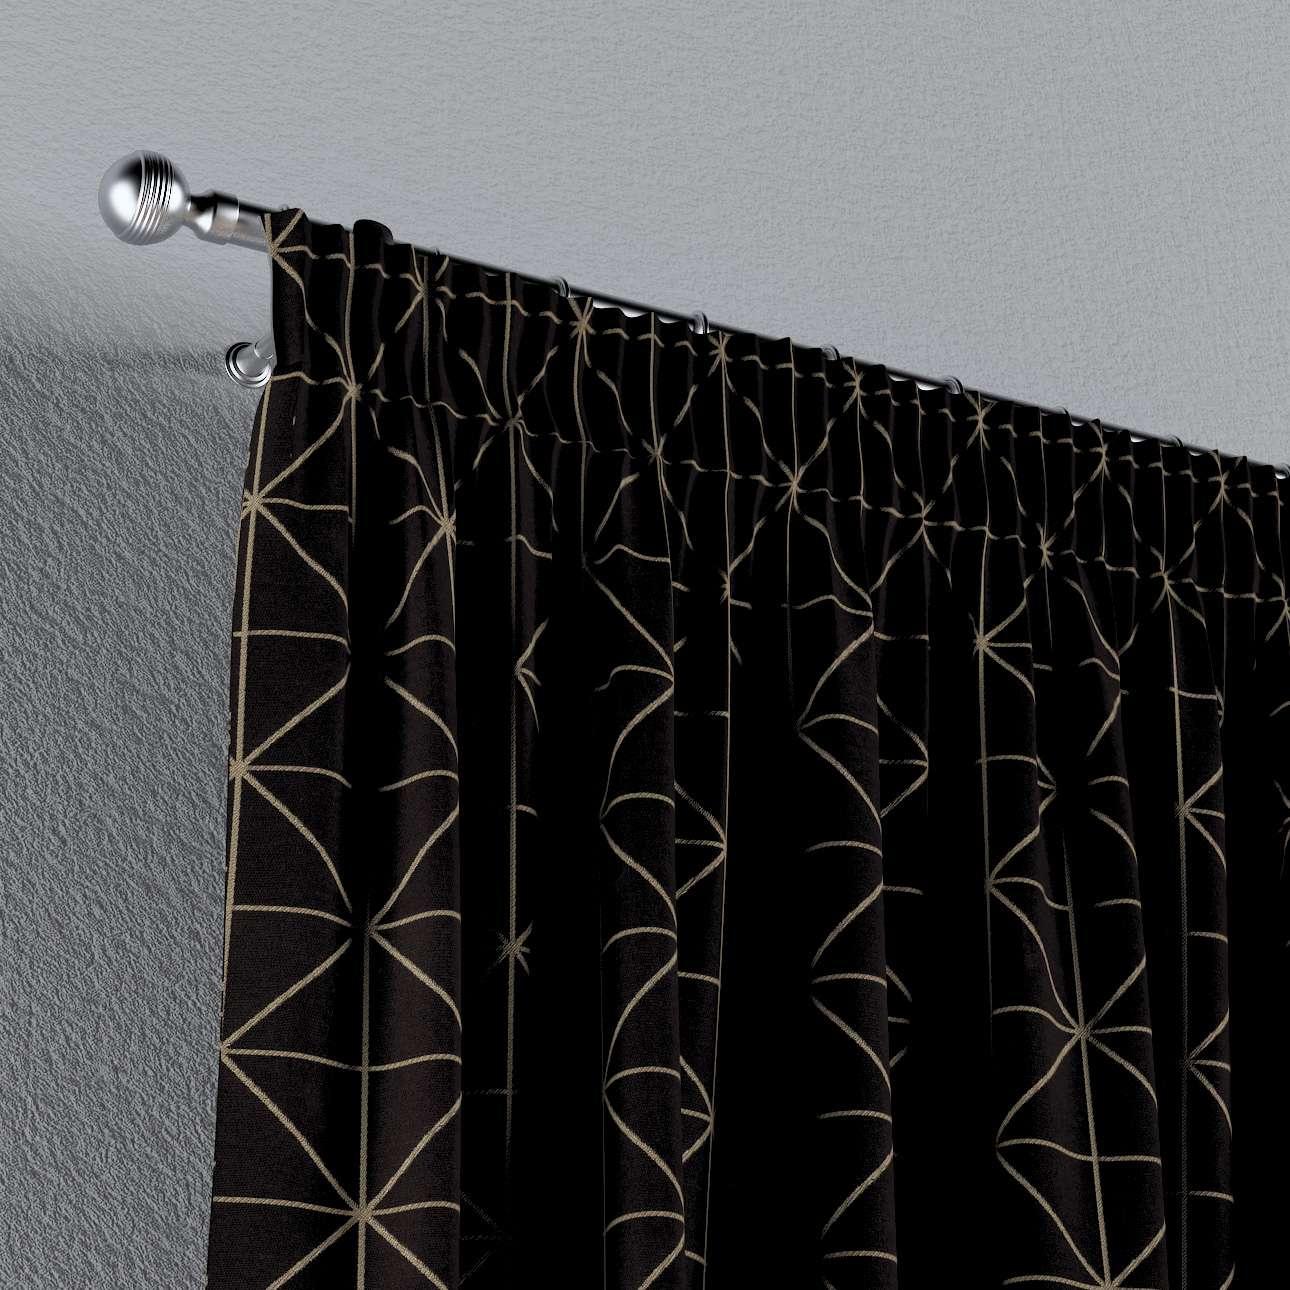 Závěs s řasící páskou v kolekci Black & White, látka: 142-55